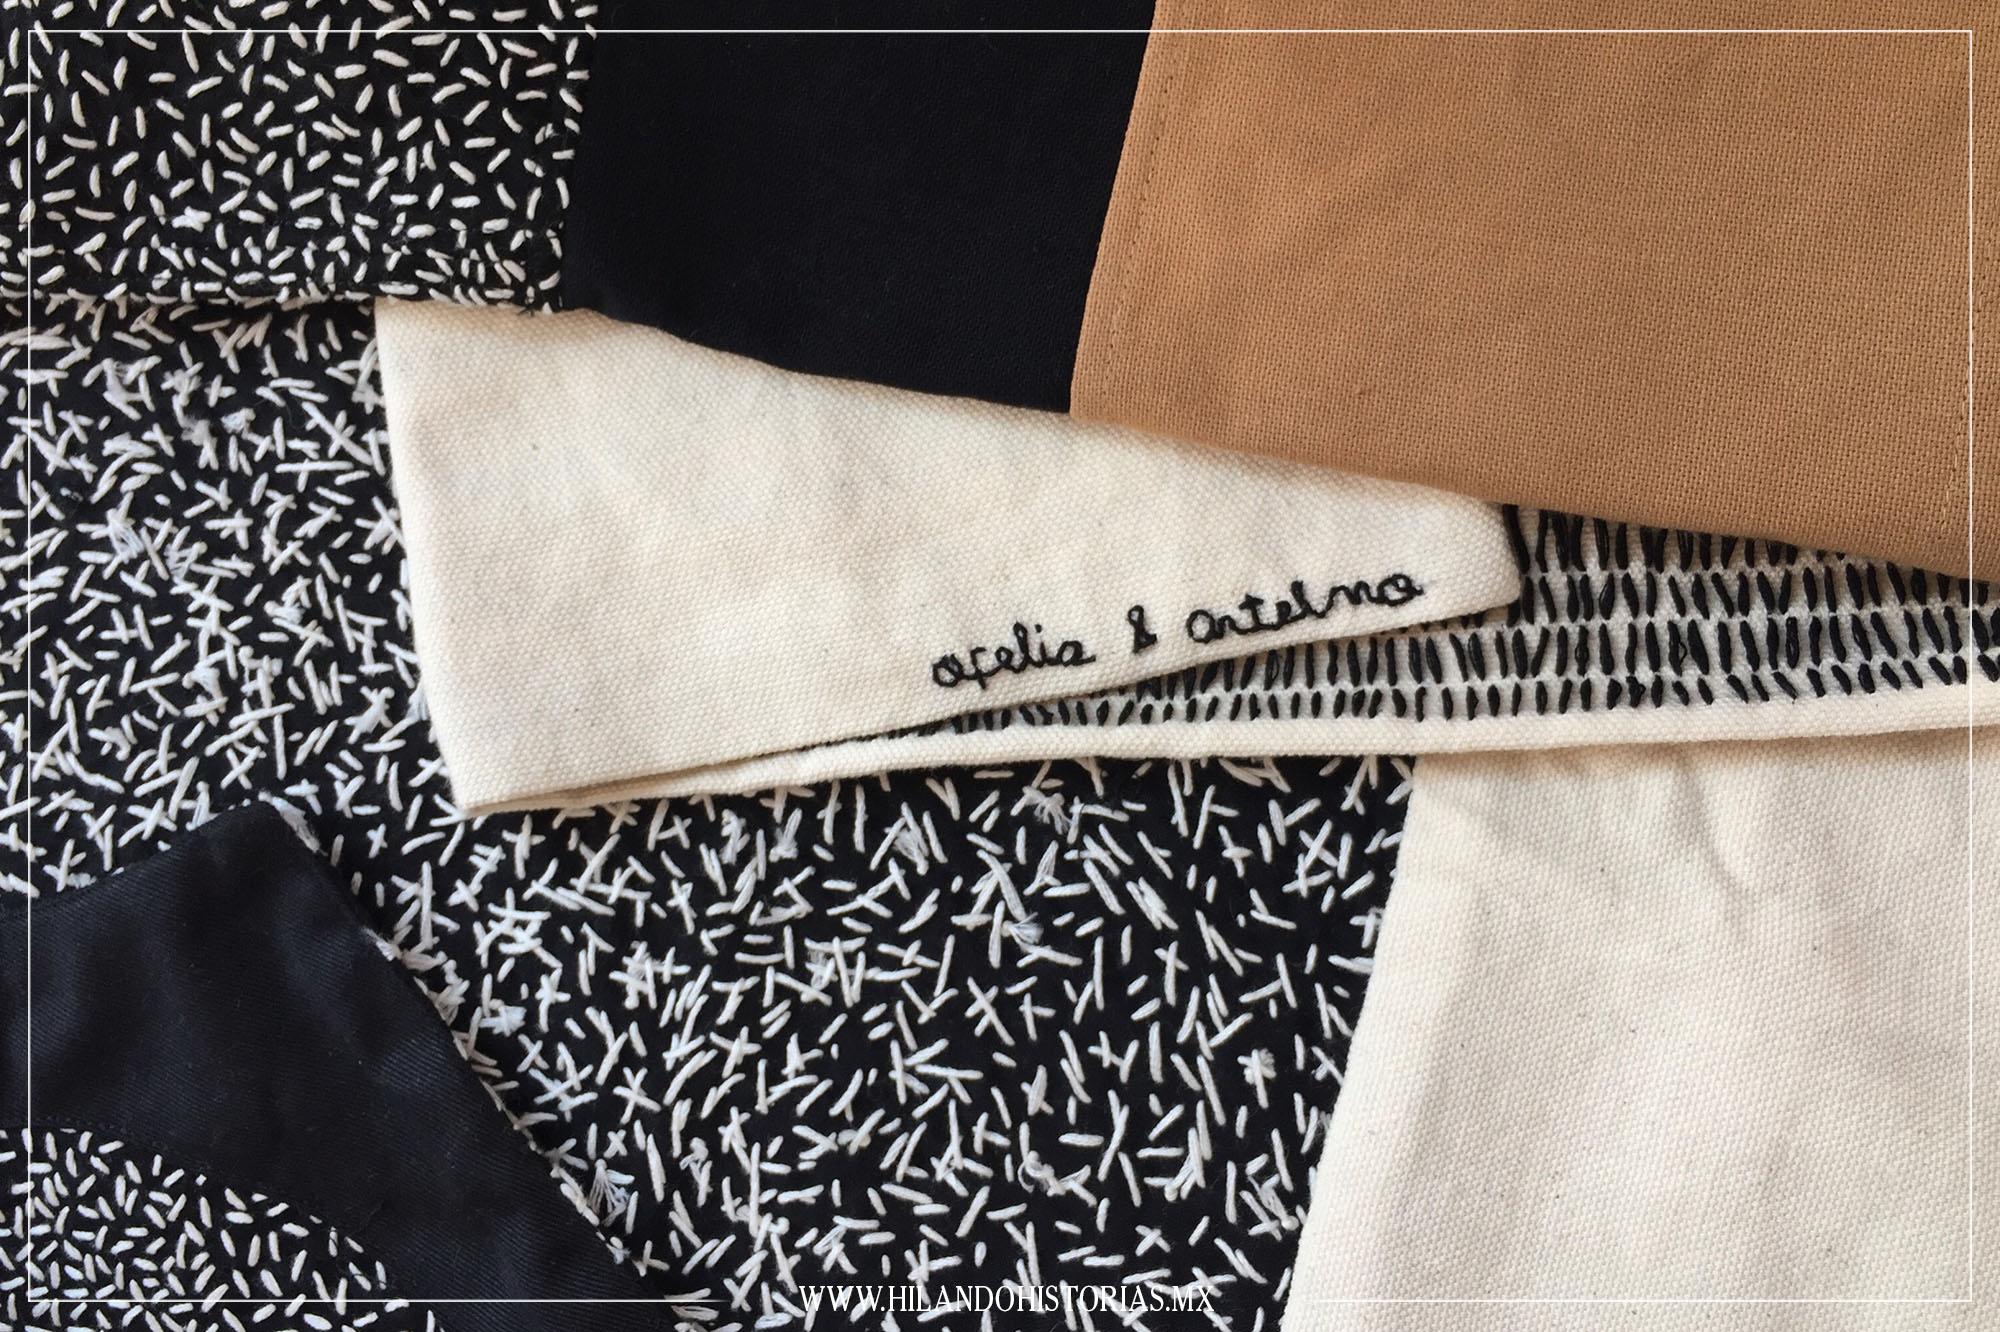 OFELIA & ANTELMO. El bordado como arte, protesta y terapia